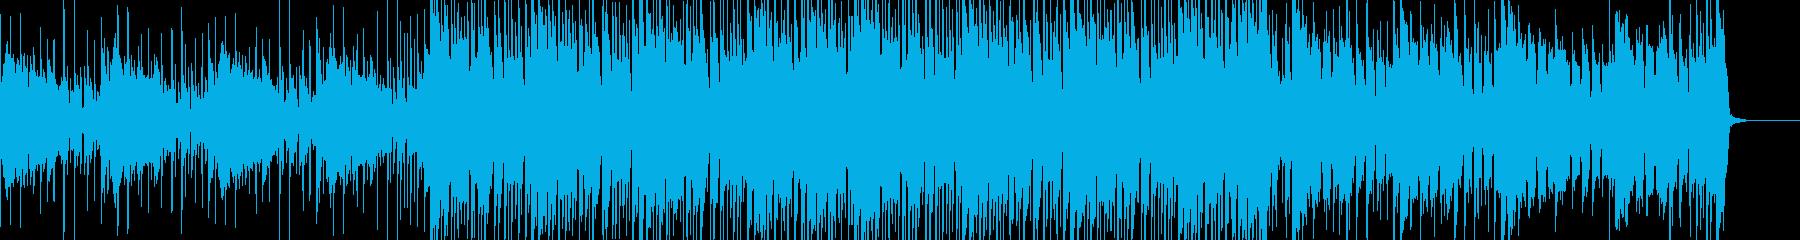 明るめなトロピカルハウスの再生済みの波形